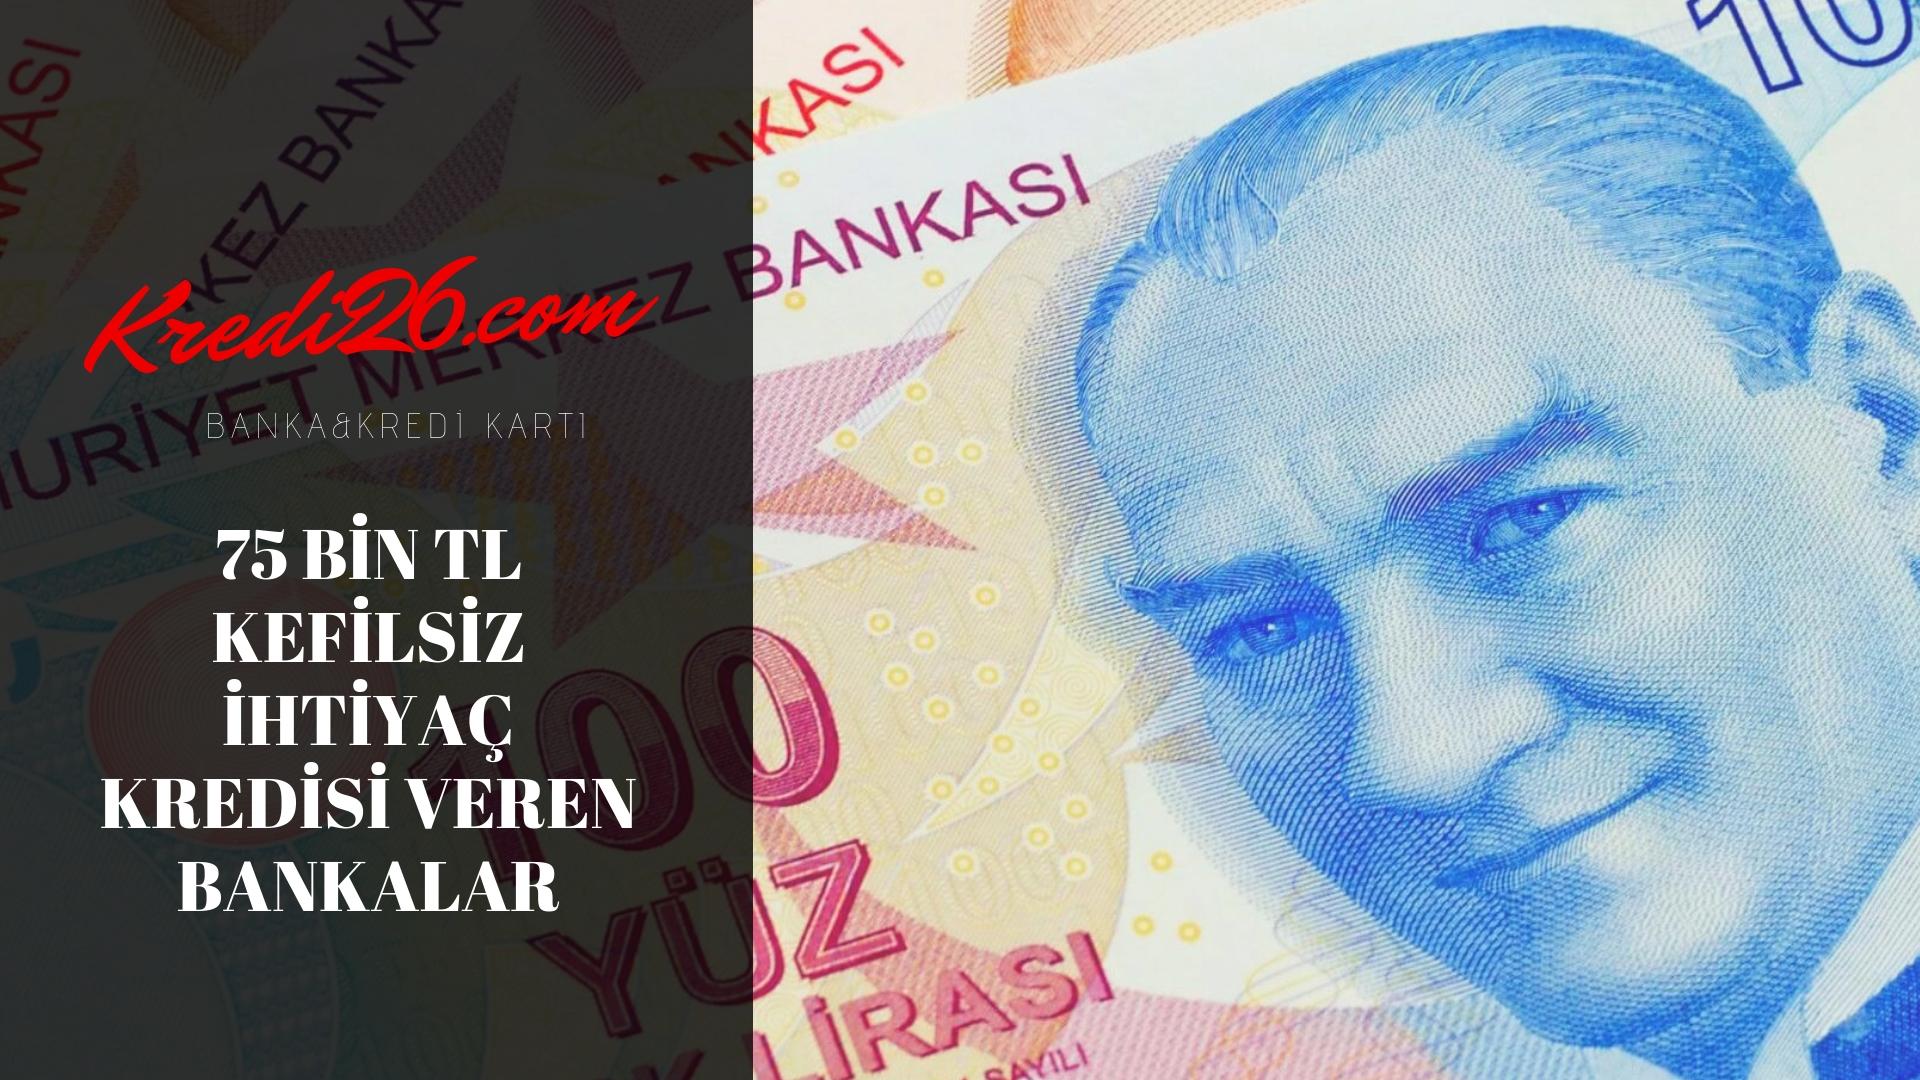 75.000 TL Kredi Veren Bankalar 2018